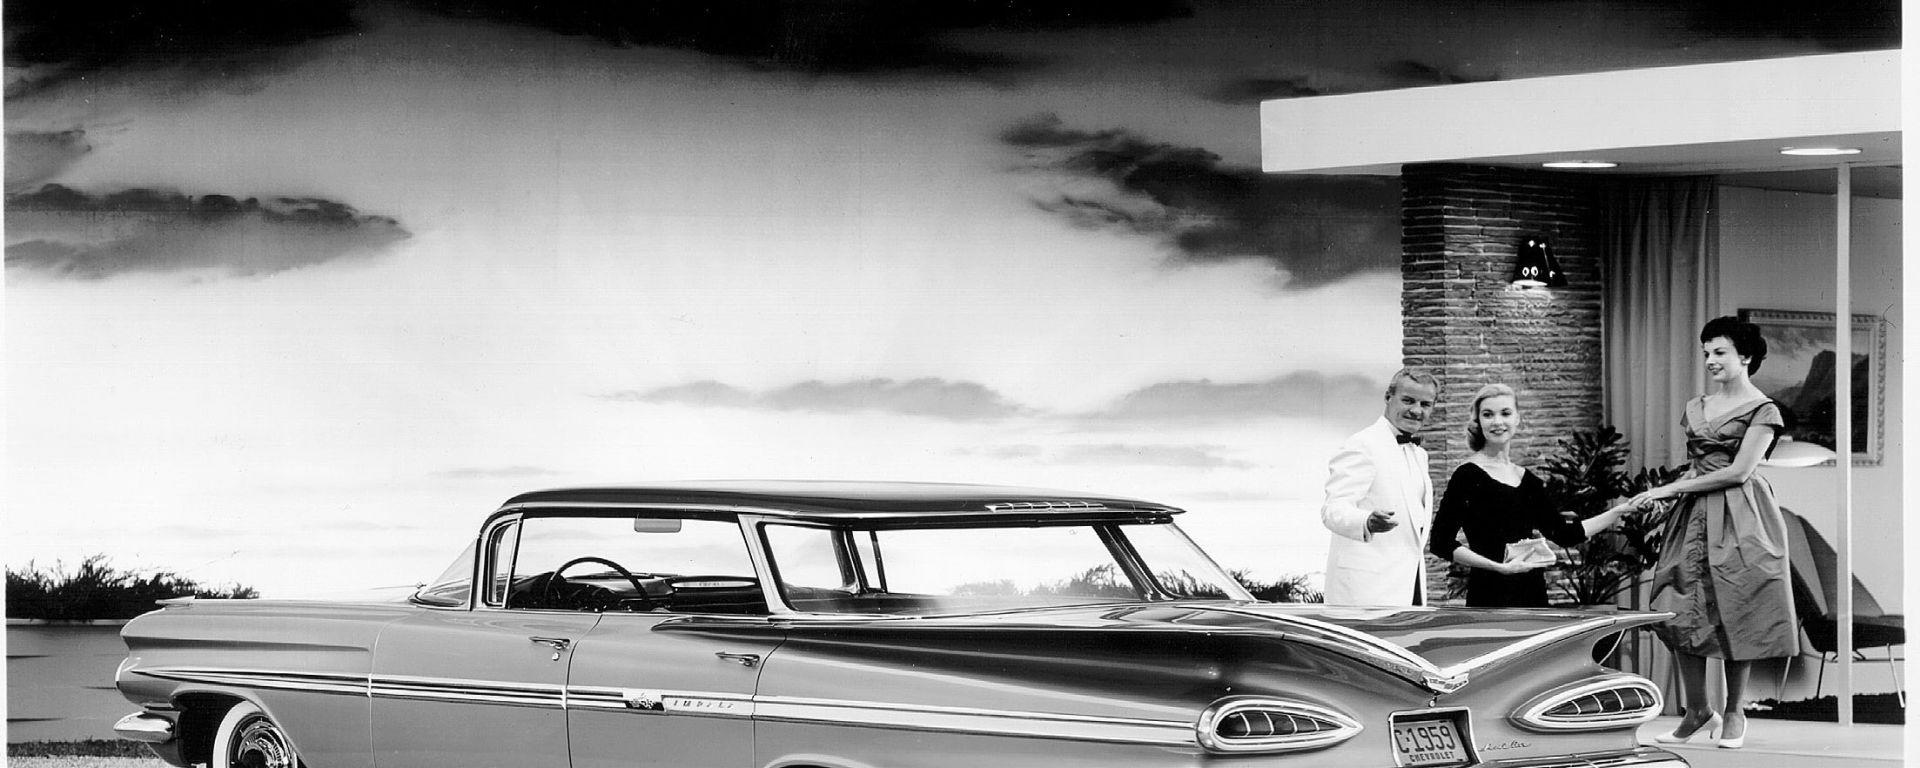 100 anni di Chevrolet: dalla BelAir alla Impala, dalla Corvette alla Camaro